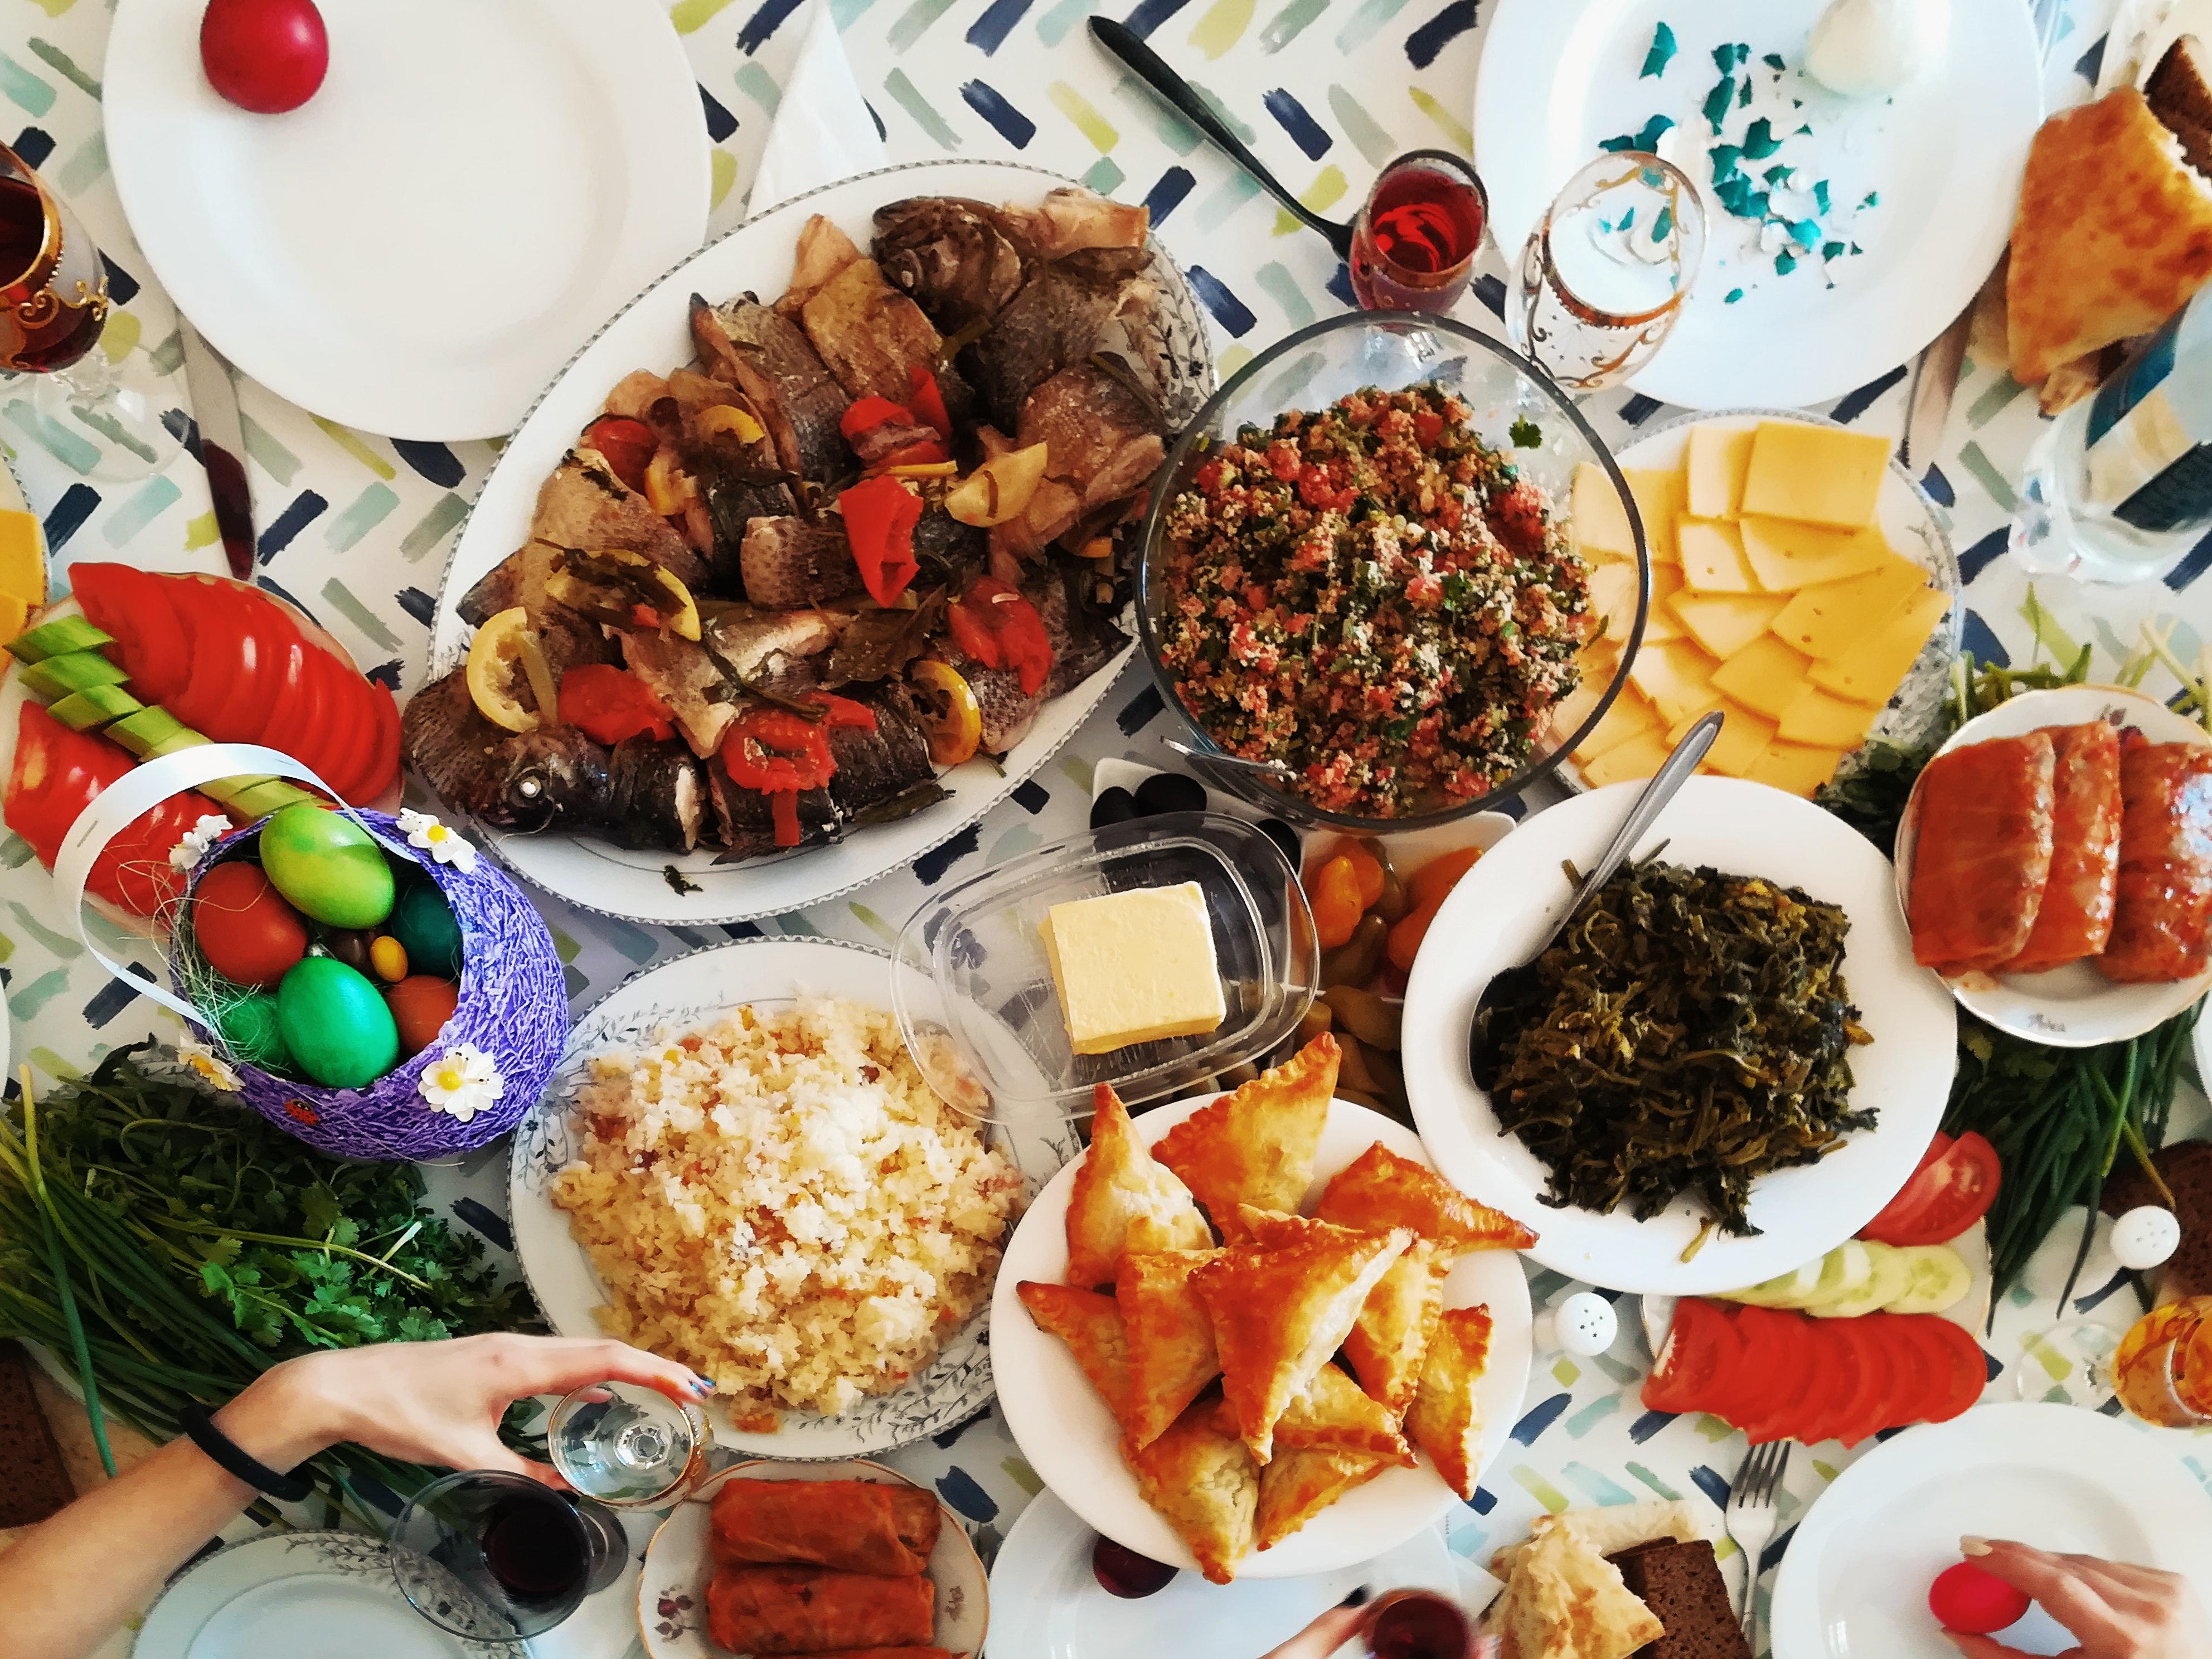 Mesa com diversos pratos de natal, no canto uma mão segura uma taça de bebida